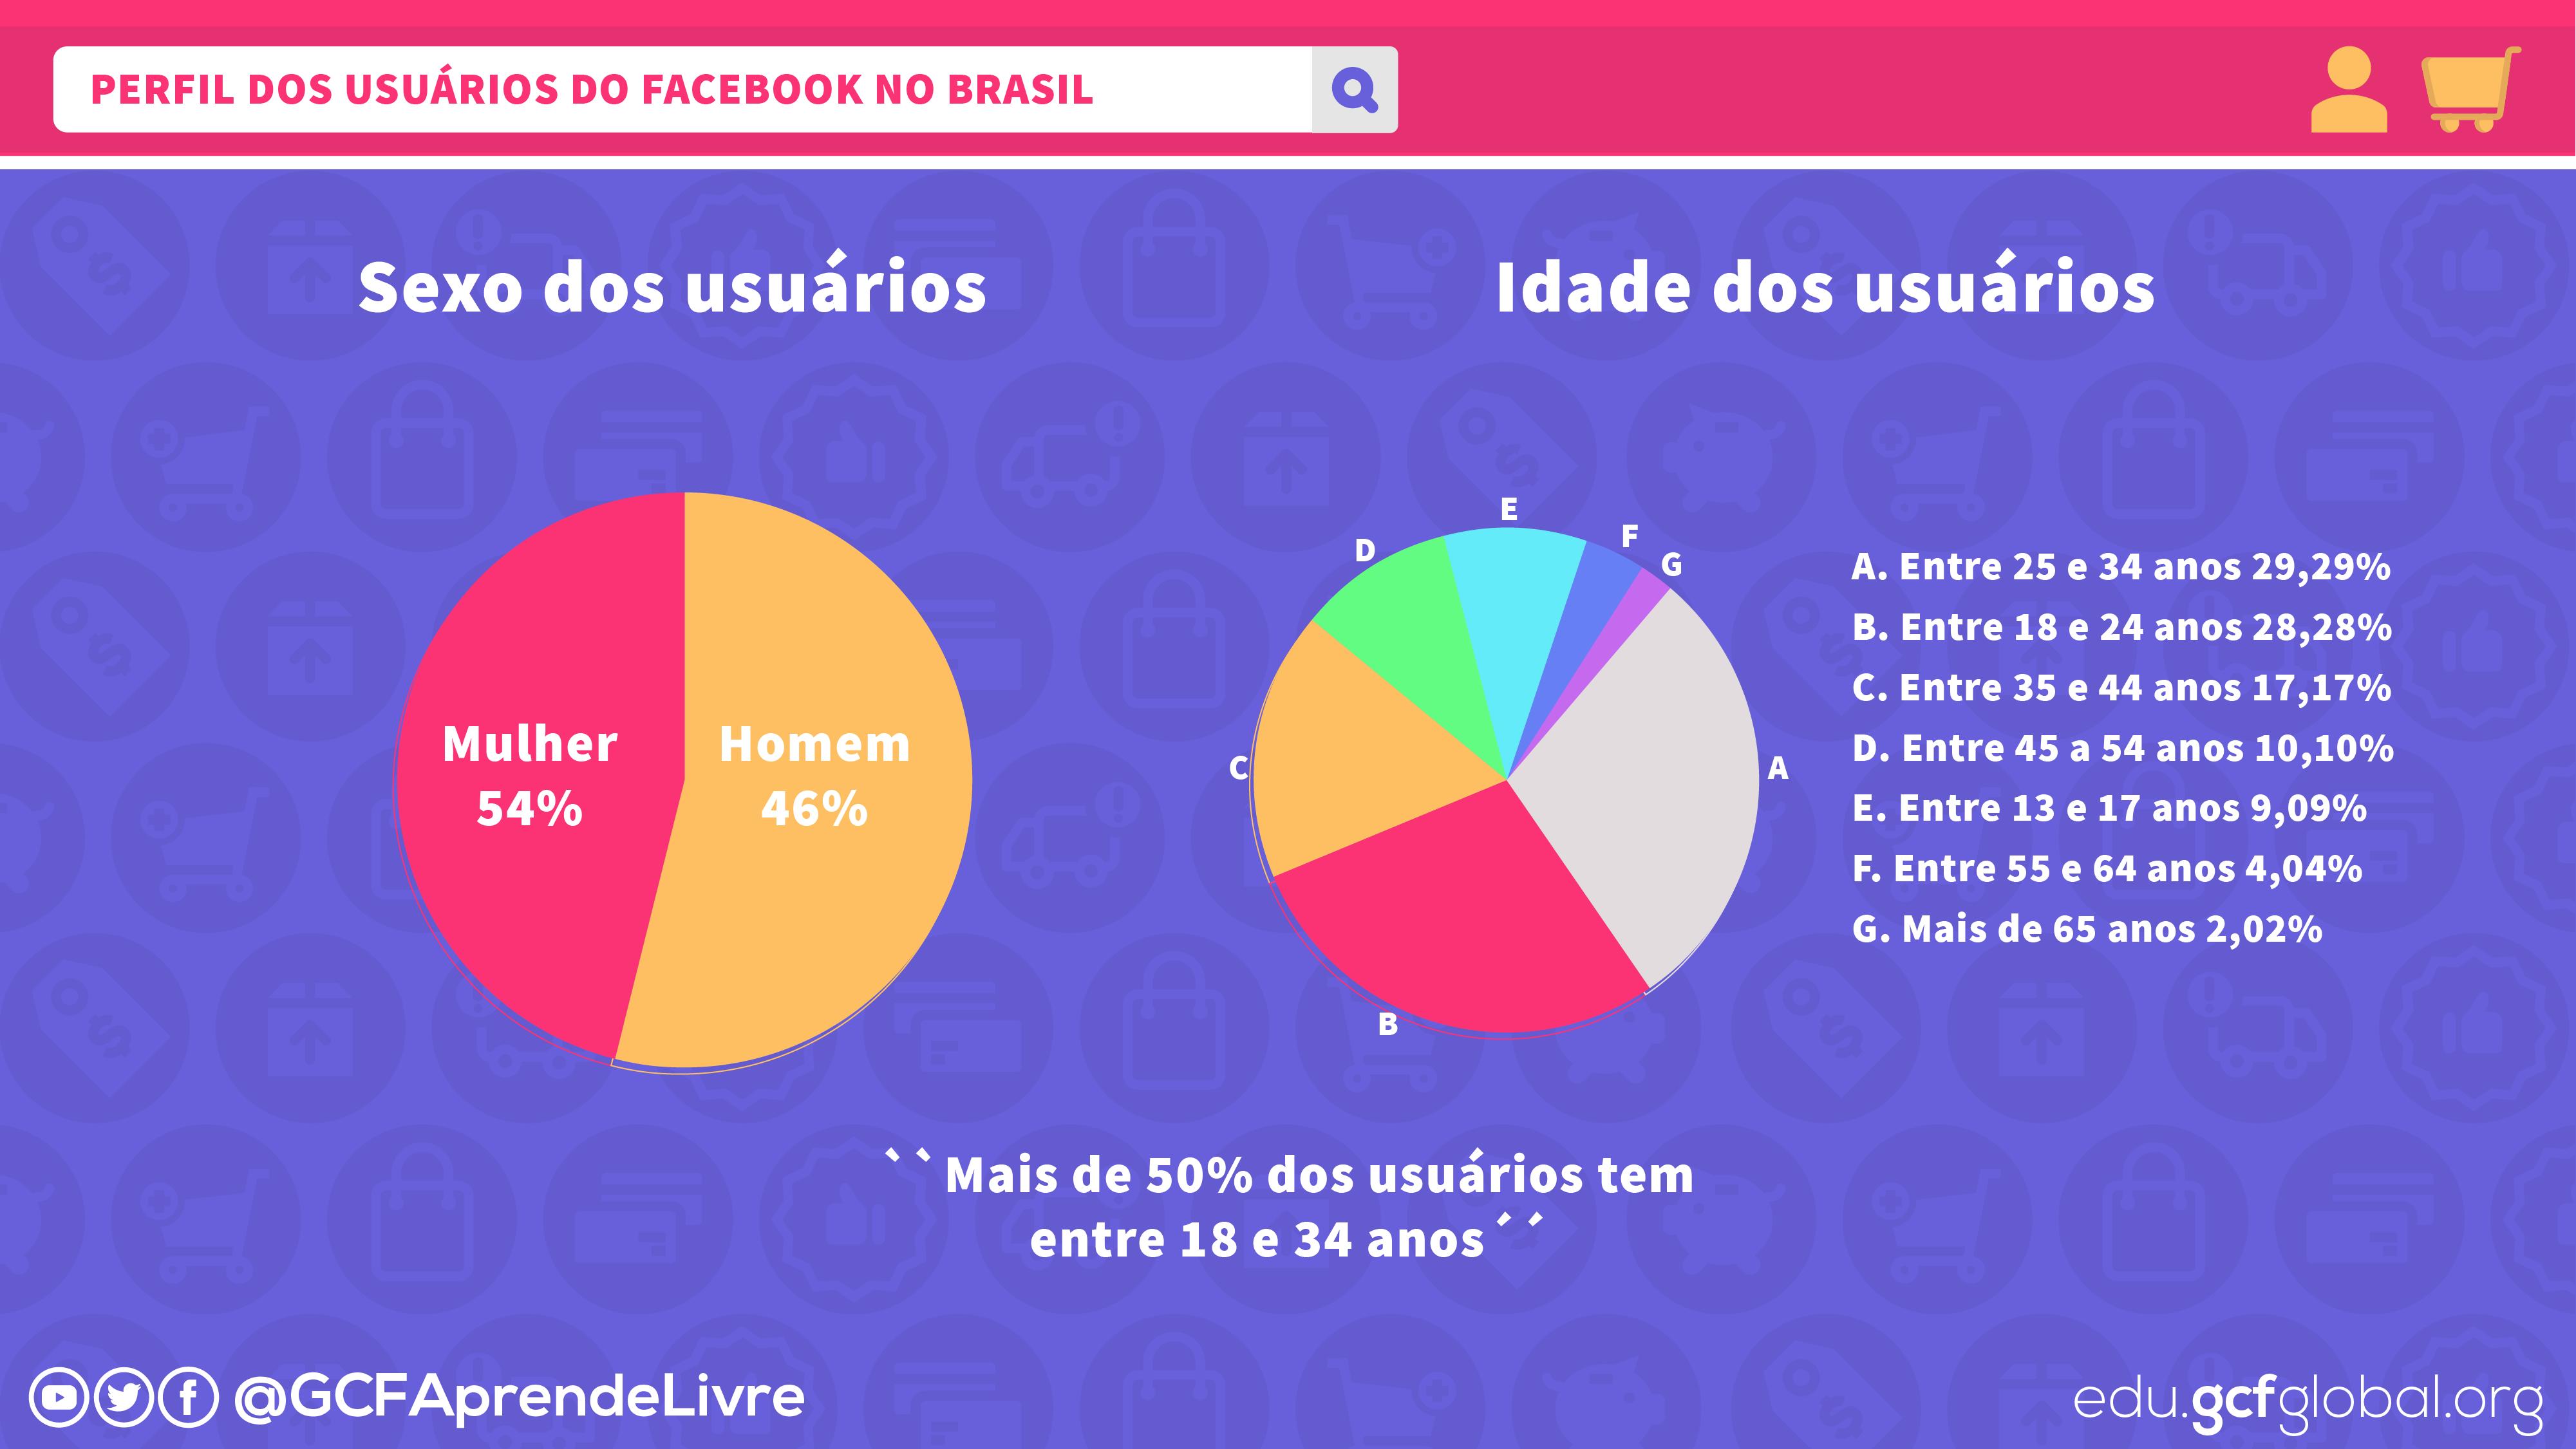 imagem1 perfil dos usuários do Facebook no Brasil